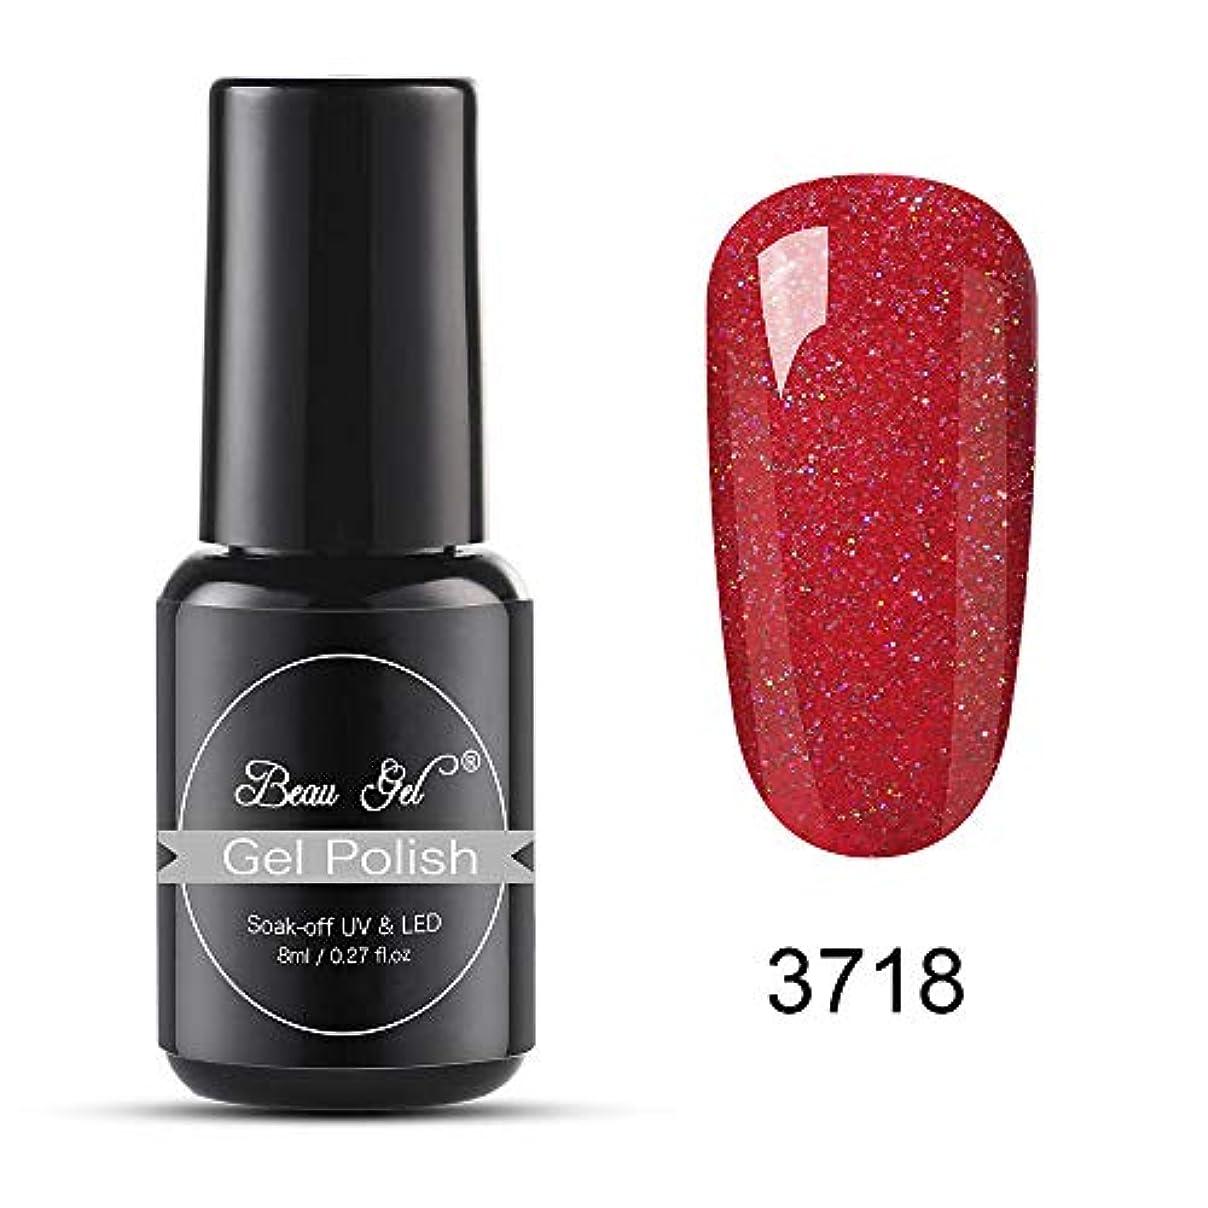 道最終敬なBeau gel ジェルネイル カラージェル 虹系 1色入り 8ml-3718